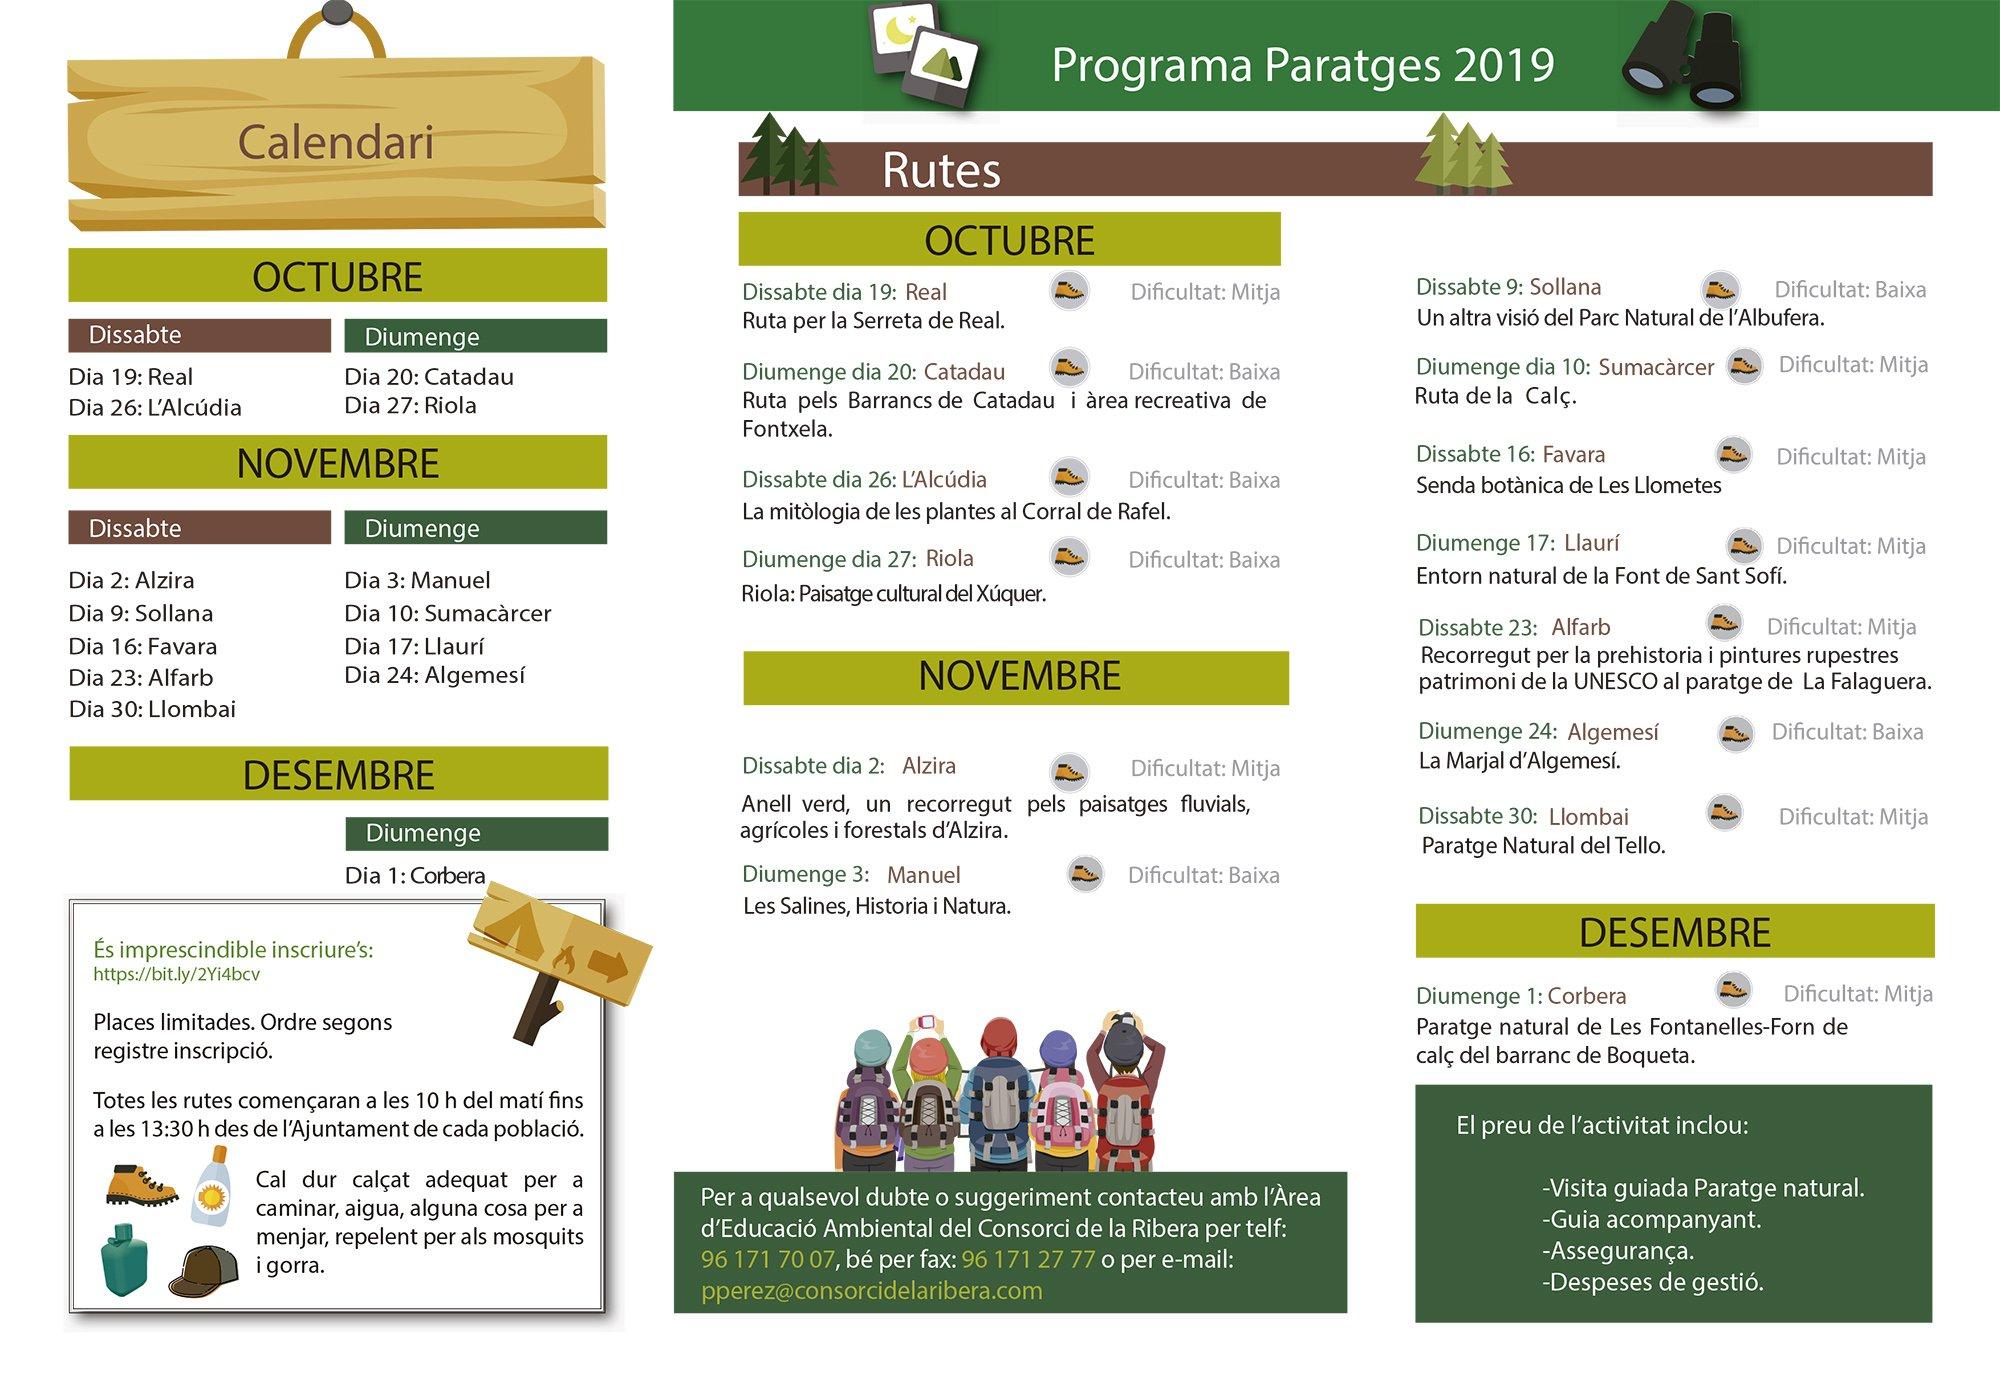 Programa Paratges 2019